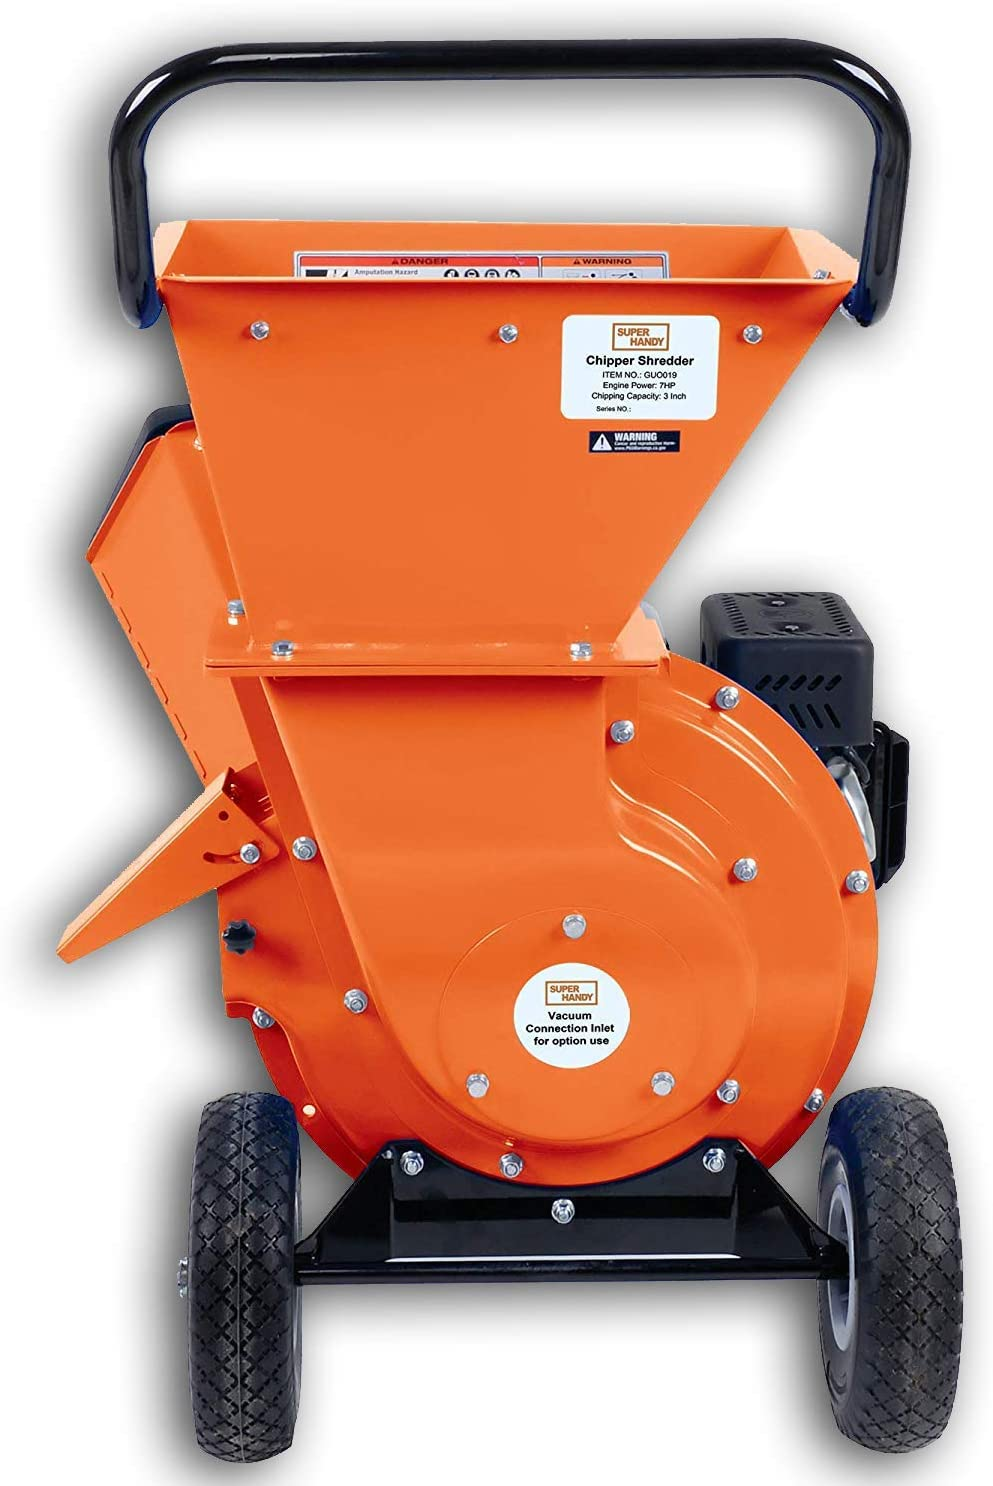 Patio, Lawn & Garden Mowers & Outdoor Power Tools SuperHandy Wood ...